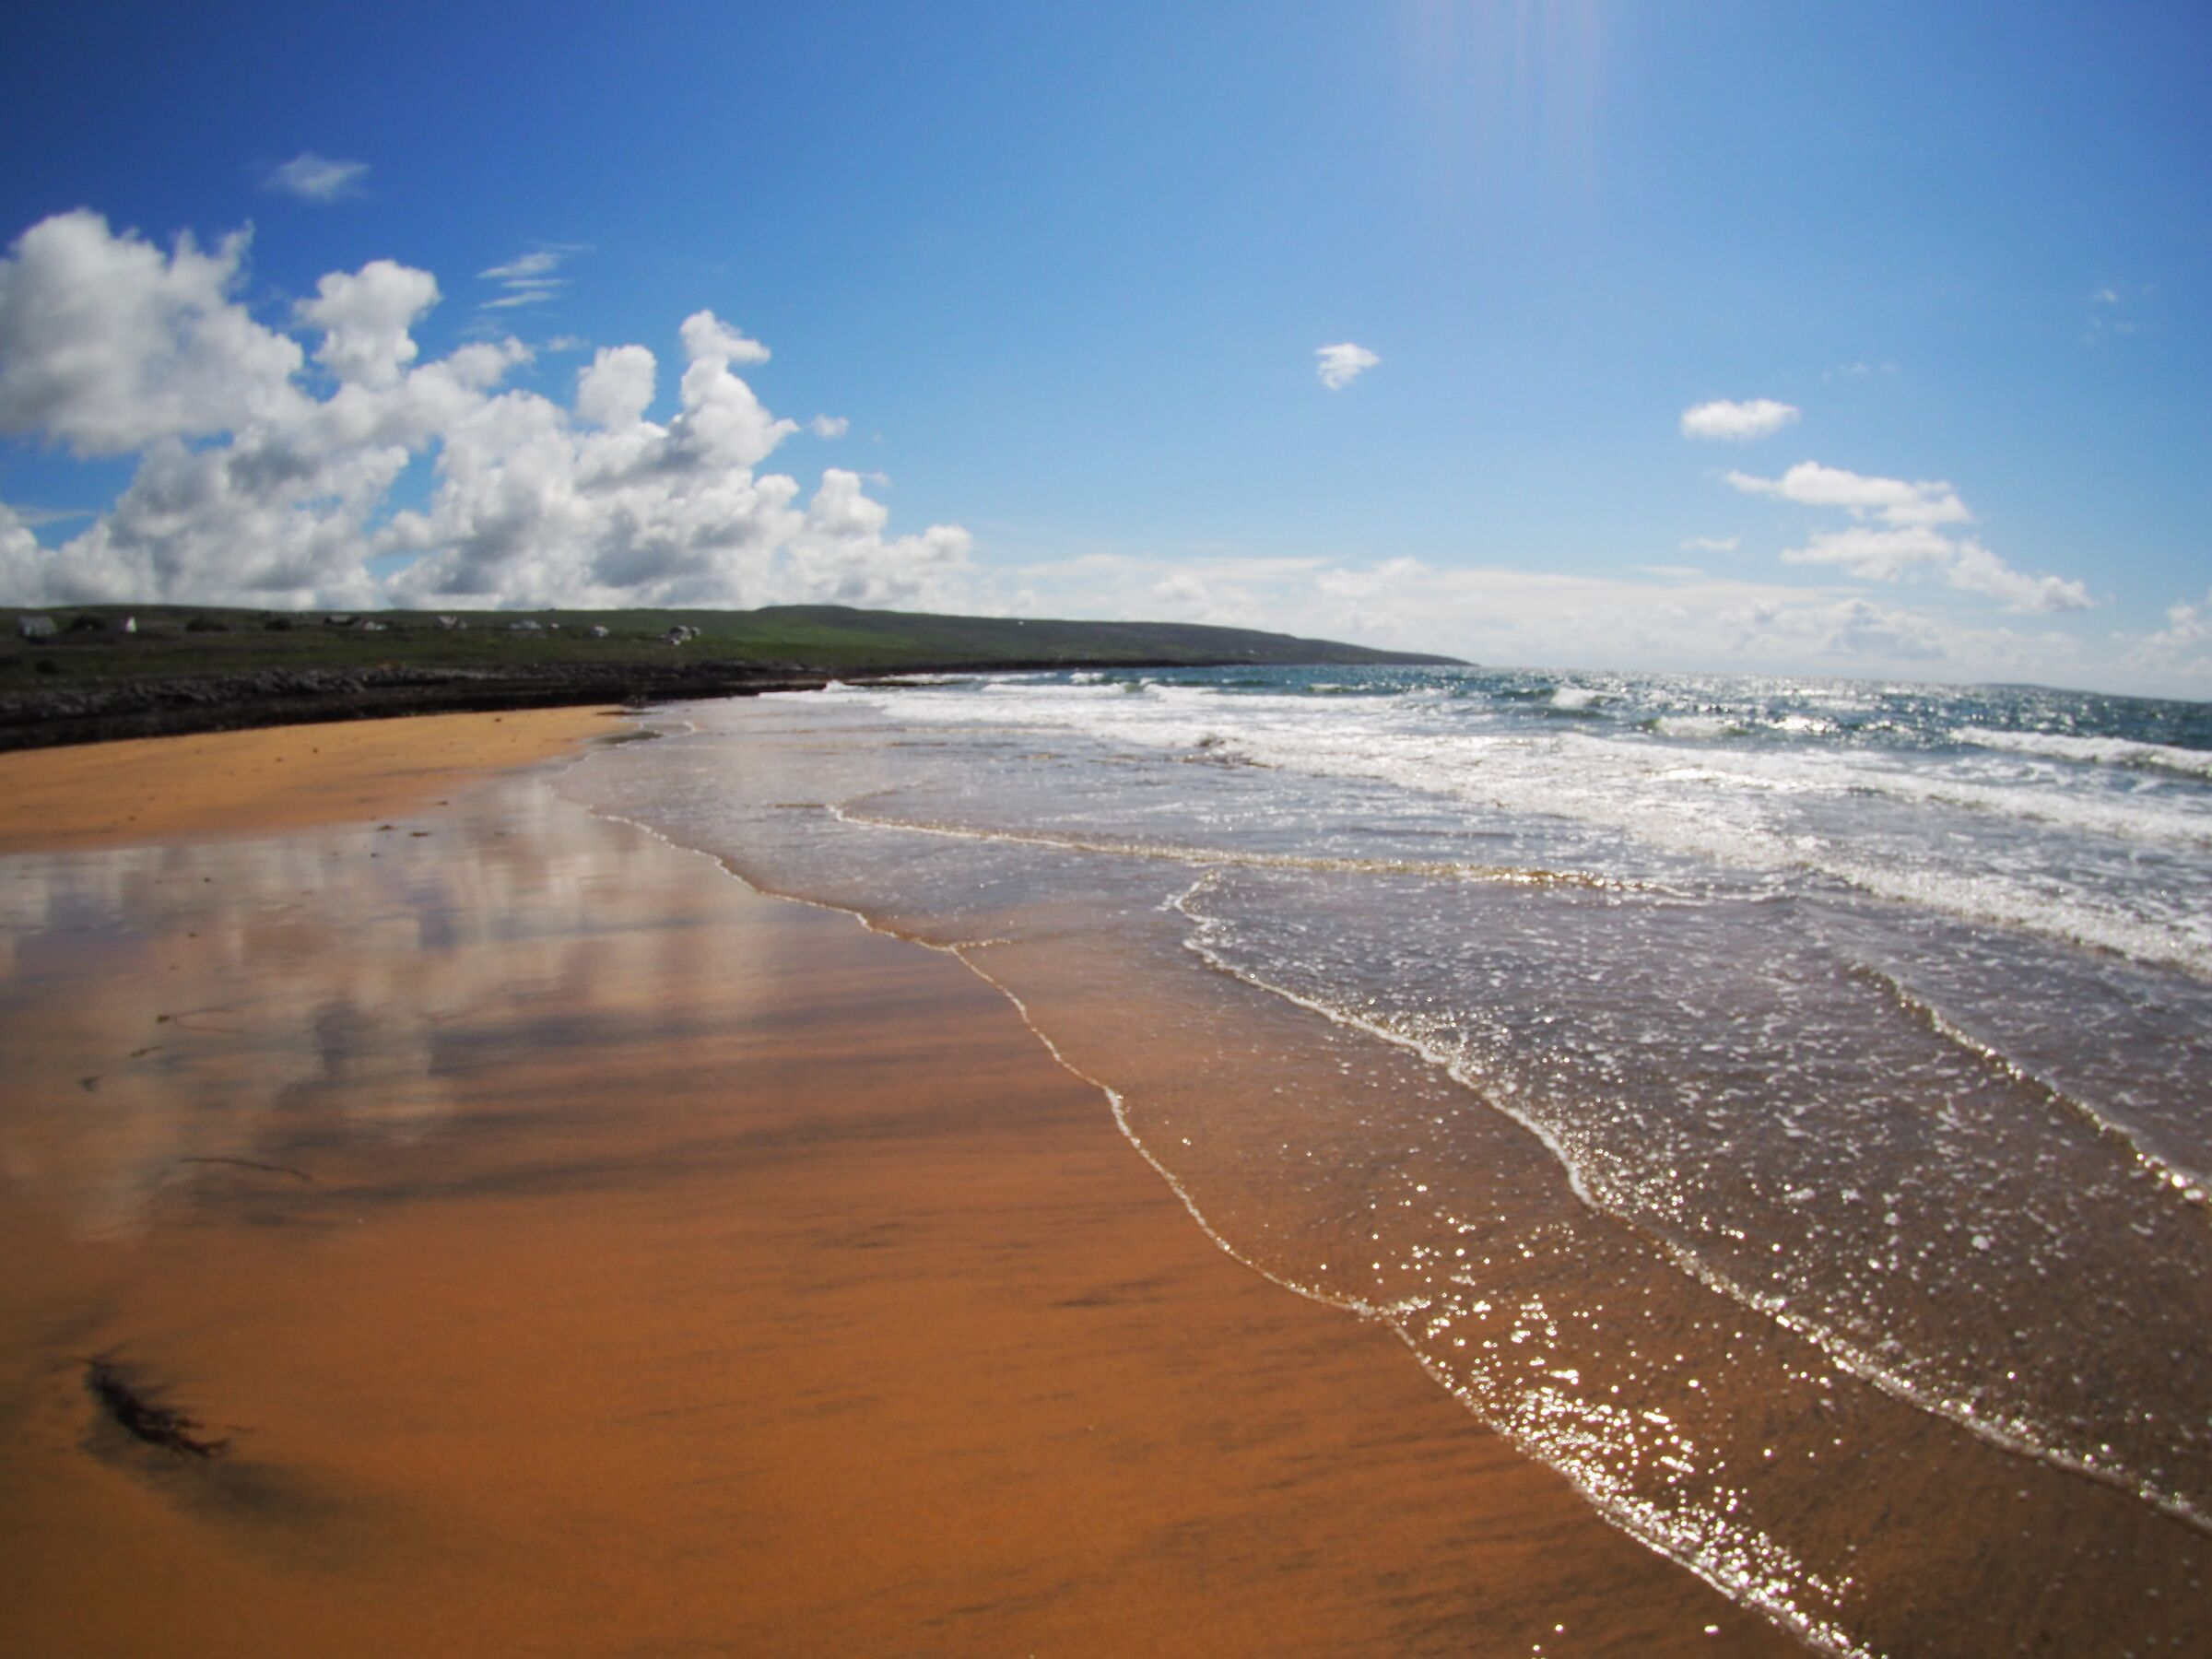 Il cielo d'Irlanda è un oceano di nuvole e luce [cit]...